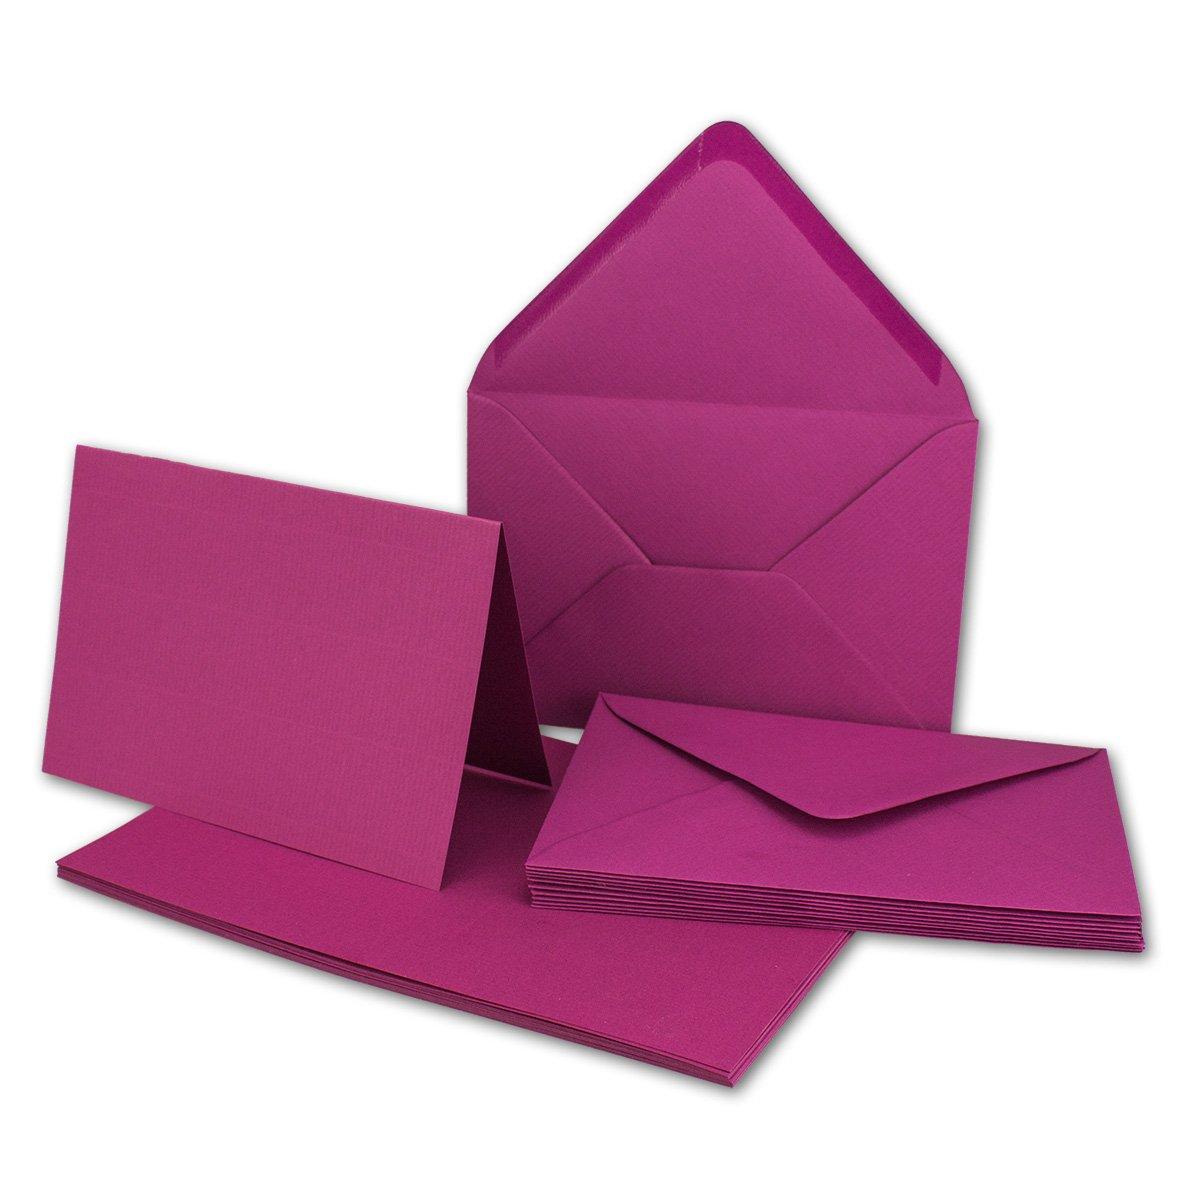 Faltkarten Set mit mit mit Brief-Umschlägen DIN A6   C6 in Rosanrot   100 Sets   14,8 x 10,5 cm   Premium Qualität   Serie FarbenFroh® B079Z9412Z | Am wirtschaftlichsten  4c9f20